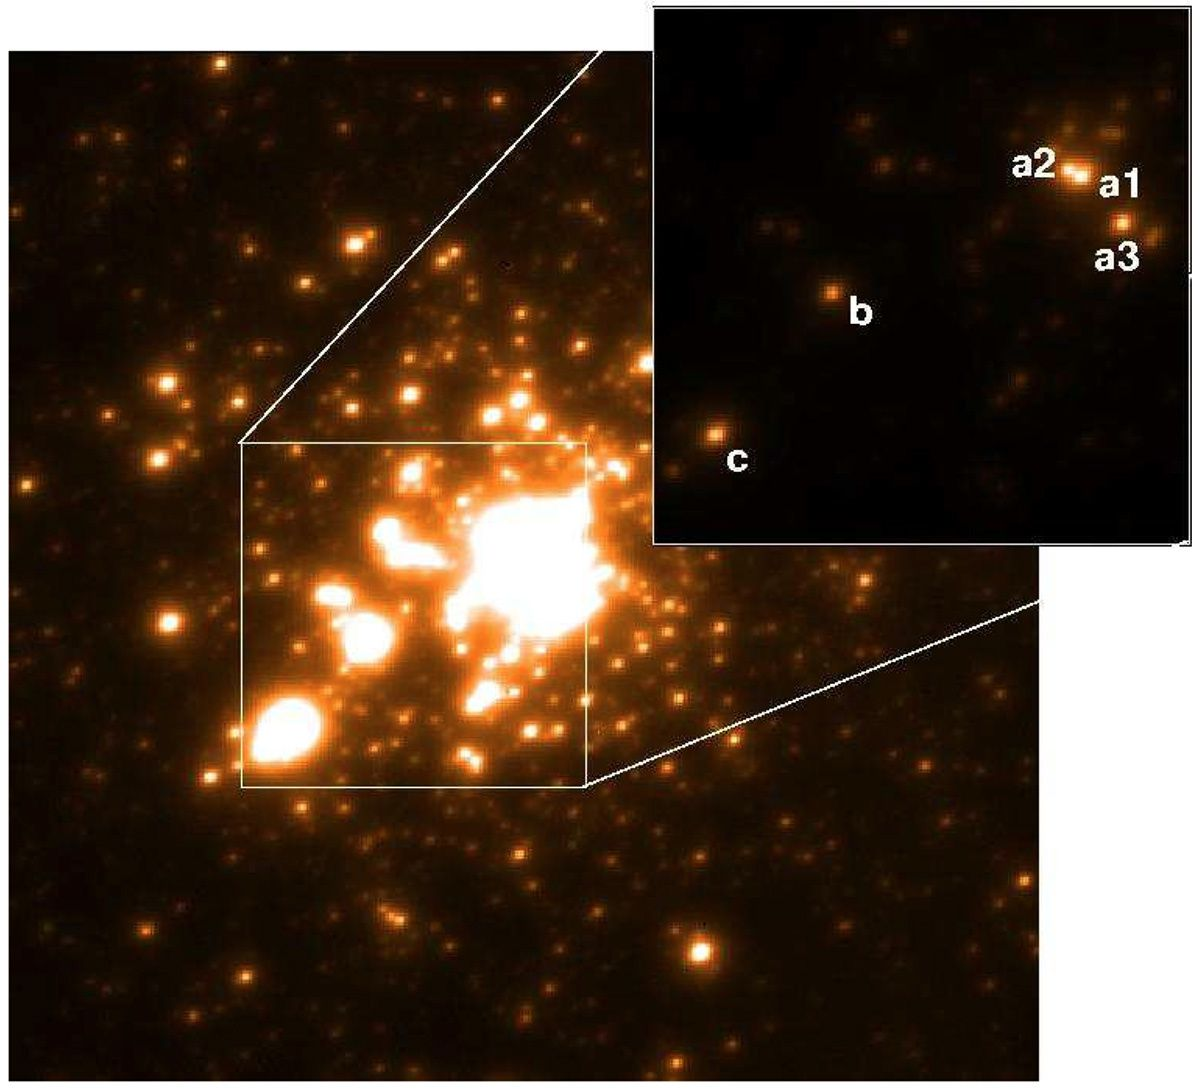 L'ammasso R136 nella Grande Nube di Magellano, ripreso nel vicino infrarosso con lo strumento MAD del Very Large Telescope. Cortesia: P. A. Crowther et al., MNRAS 408, 2, 731–751 (2010)